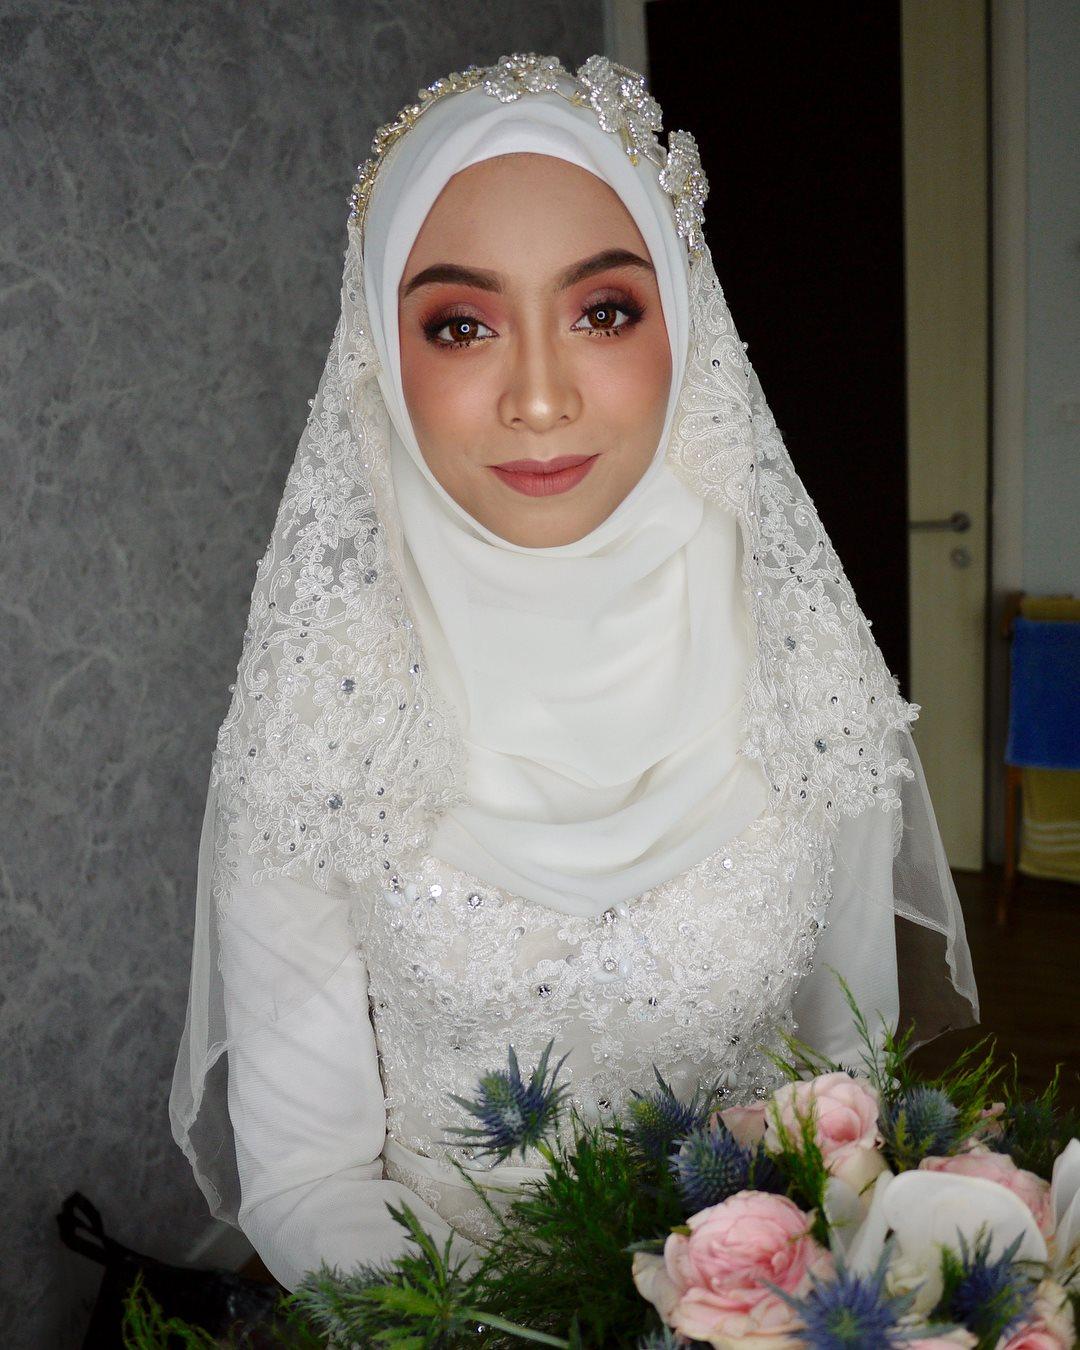 Afidah Khamis MAKE UPS & STUFF